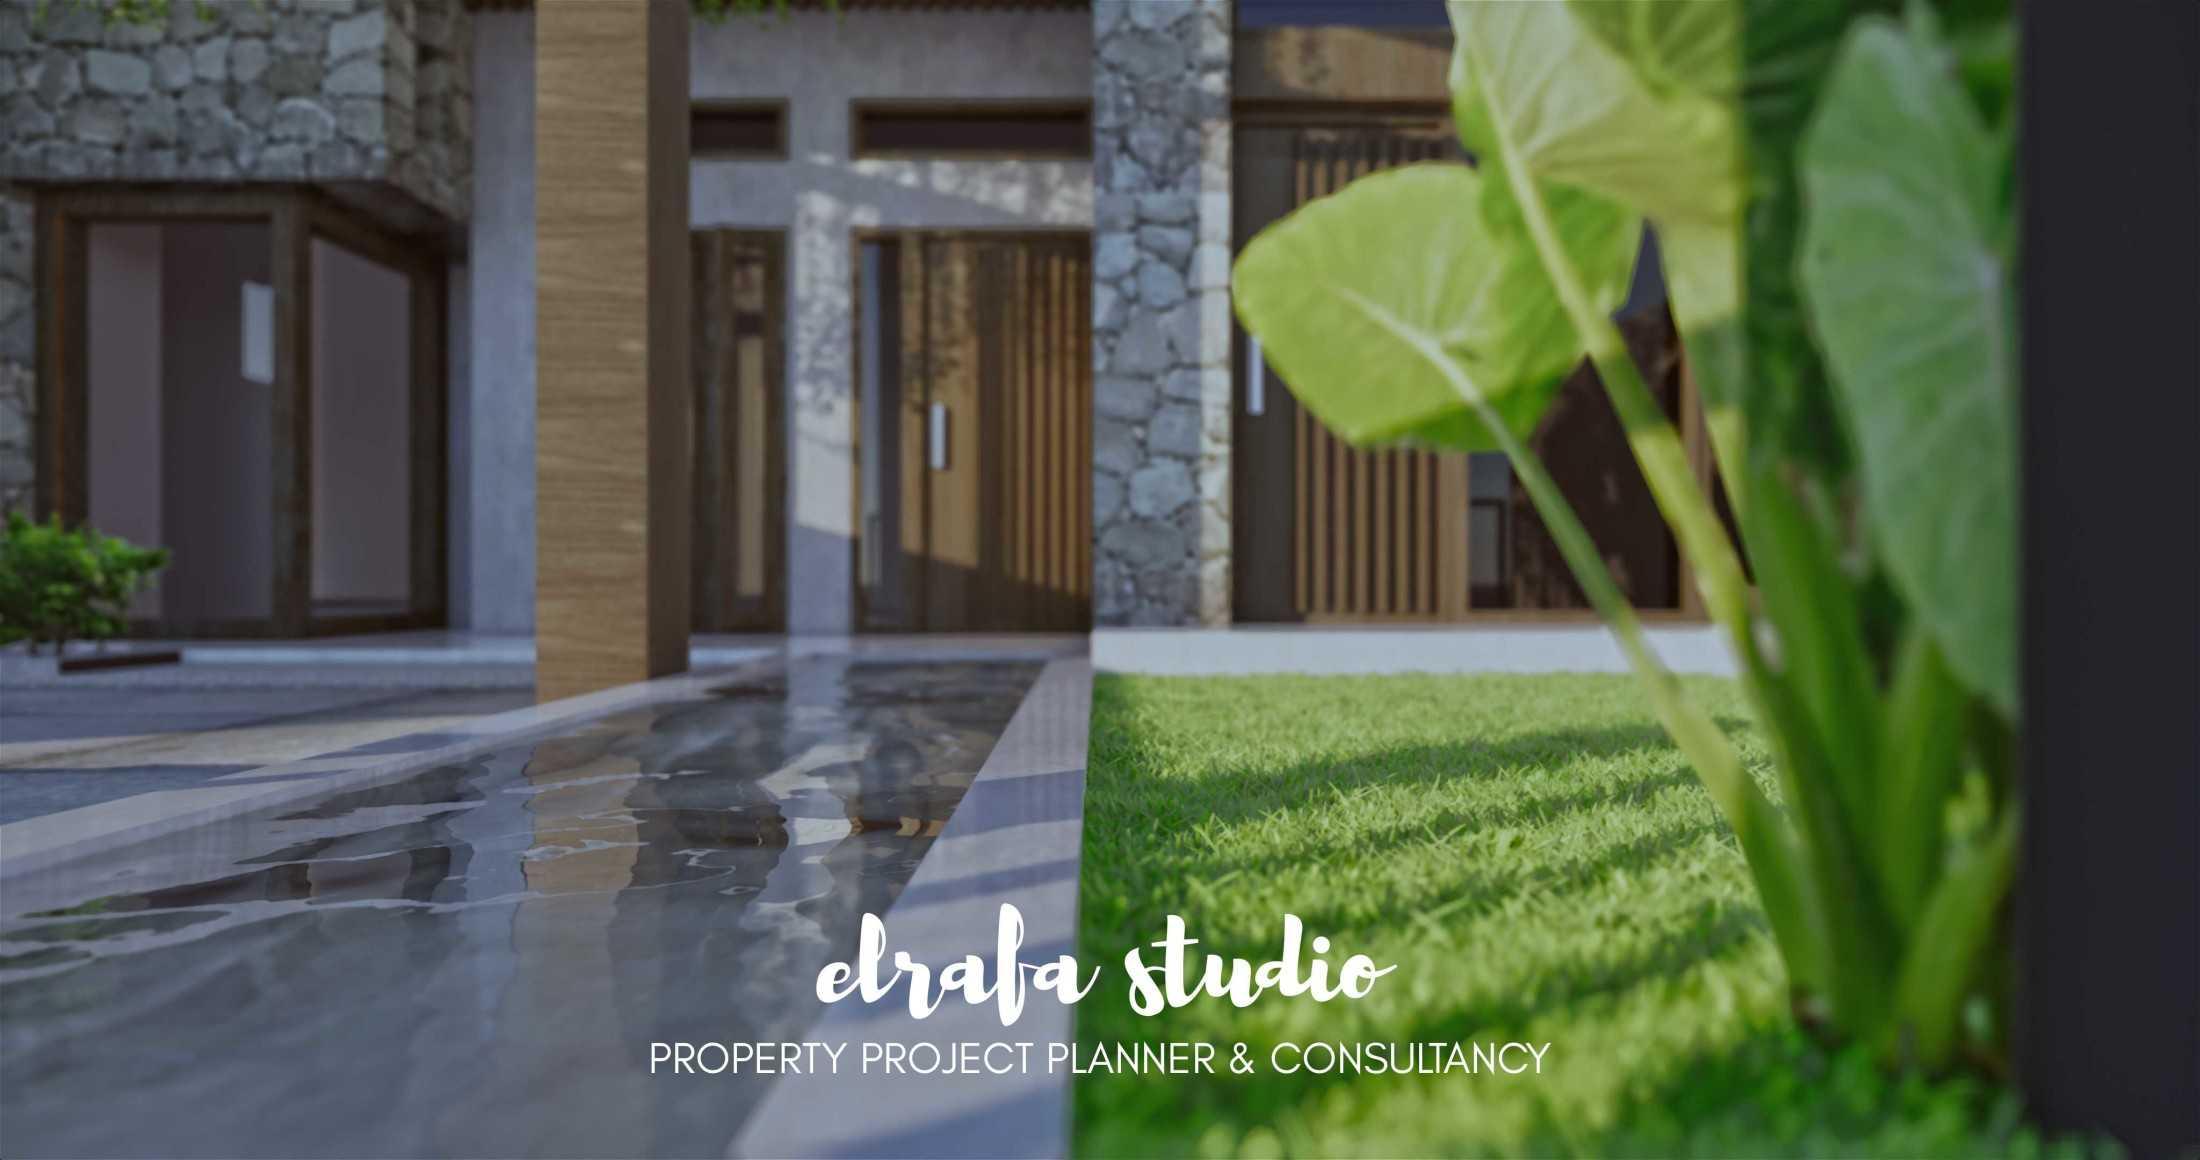 Elrafa Studio Desain Eksterior Rumah Modern Tropis (Tropical Modern) Di Tasikmalaya Tasikmalaya, Jawa Barat, Indonesia Tasikmalaya, Jawa Barat, Indonesia Elrafa-Studio-Desain-Eksterior-Rumah-Modern-Tropis-Tropical-Modern-Di-Tasikmalaya  63535